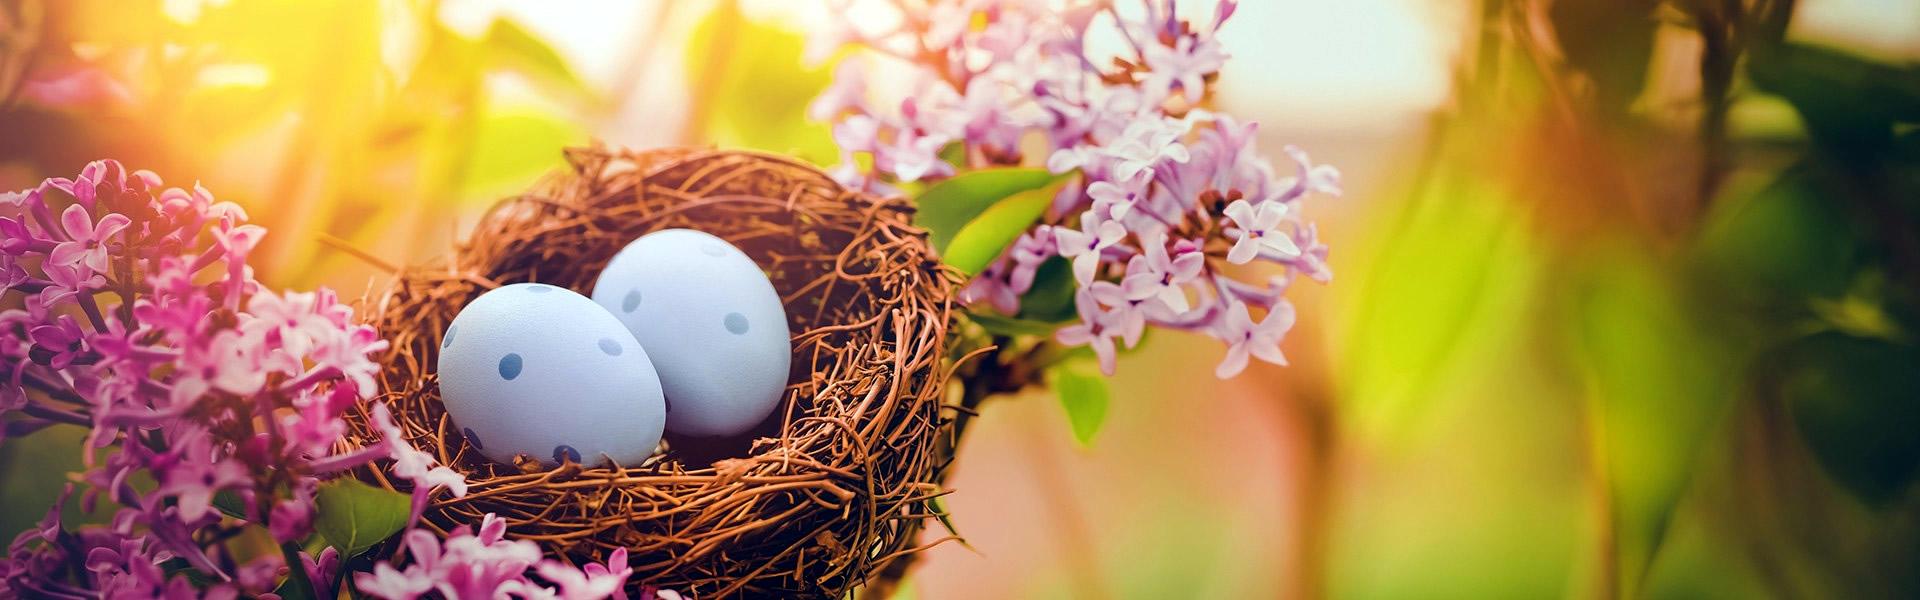 Foto di Immagini Buona Pasqua